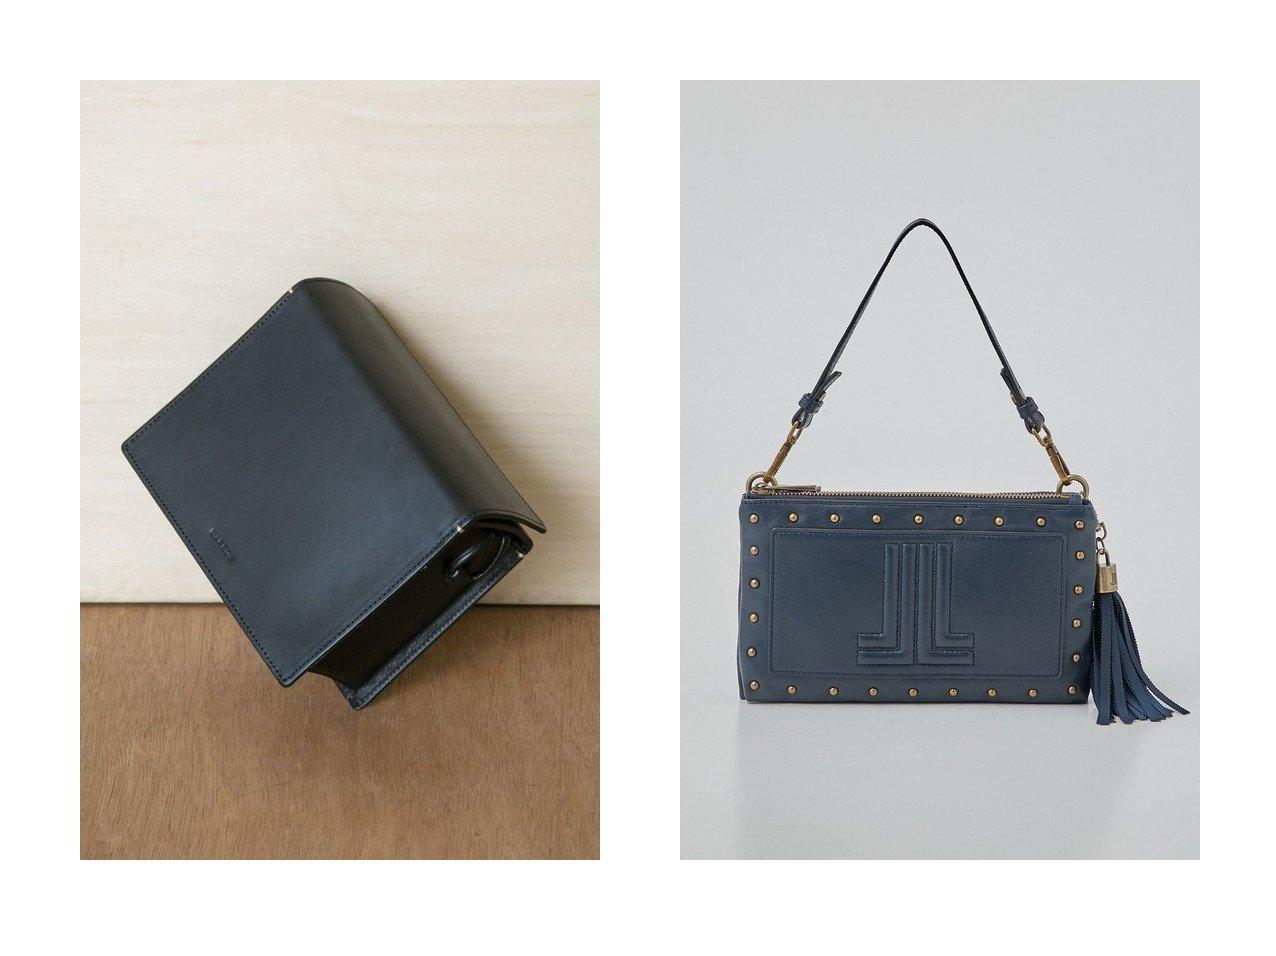 【LANVIN en Bleu/ランバン オン ブルー】のJLクラッチバッグ(3WAY)&【MAISON SPECIAL/メゾンスペシャル】の【MARROW】クラッチ・ショルダーバッグ バッグのおすすめ!人気、レディースファッションの通販  おすすめで人気のファッション通販商品 インテリア・家具・キッズファッション・メンズファッション・レディースファッション・服の通販 founy(ファニー) https://founy.com/ ファッション Fashion レディース WOMEN バッグ Bag クラッチ コンパクト ショルダー シンプル スタッズ チェーン ハンドバッグ バランス ポケット 人気 |ID:crp329100000000428